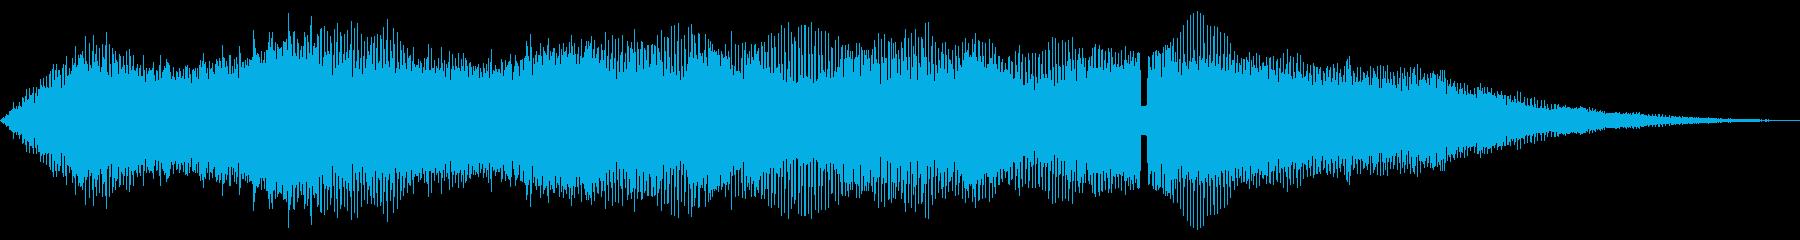 クローズシンセドローン、音楽FX;...の再生済みの波形